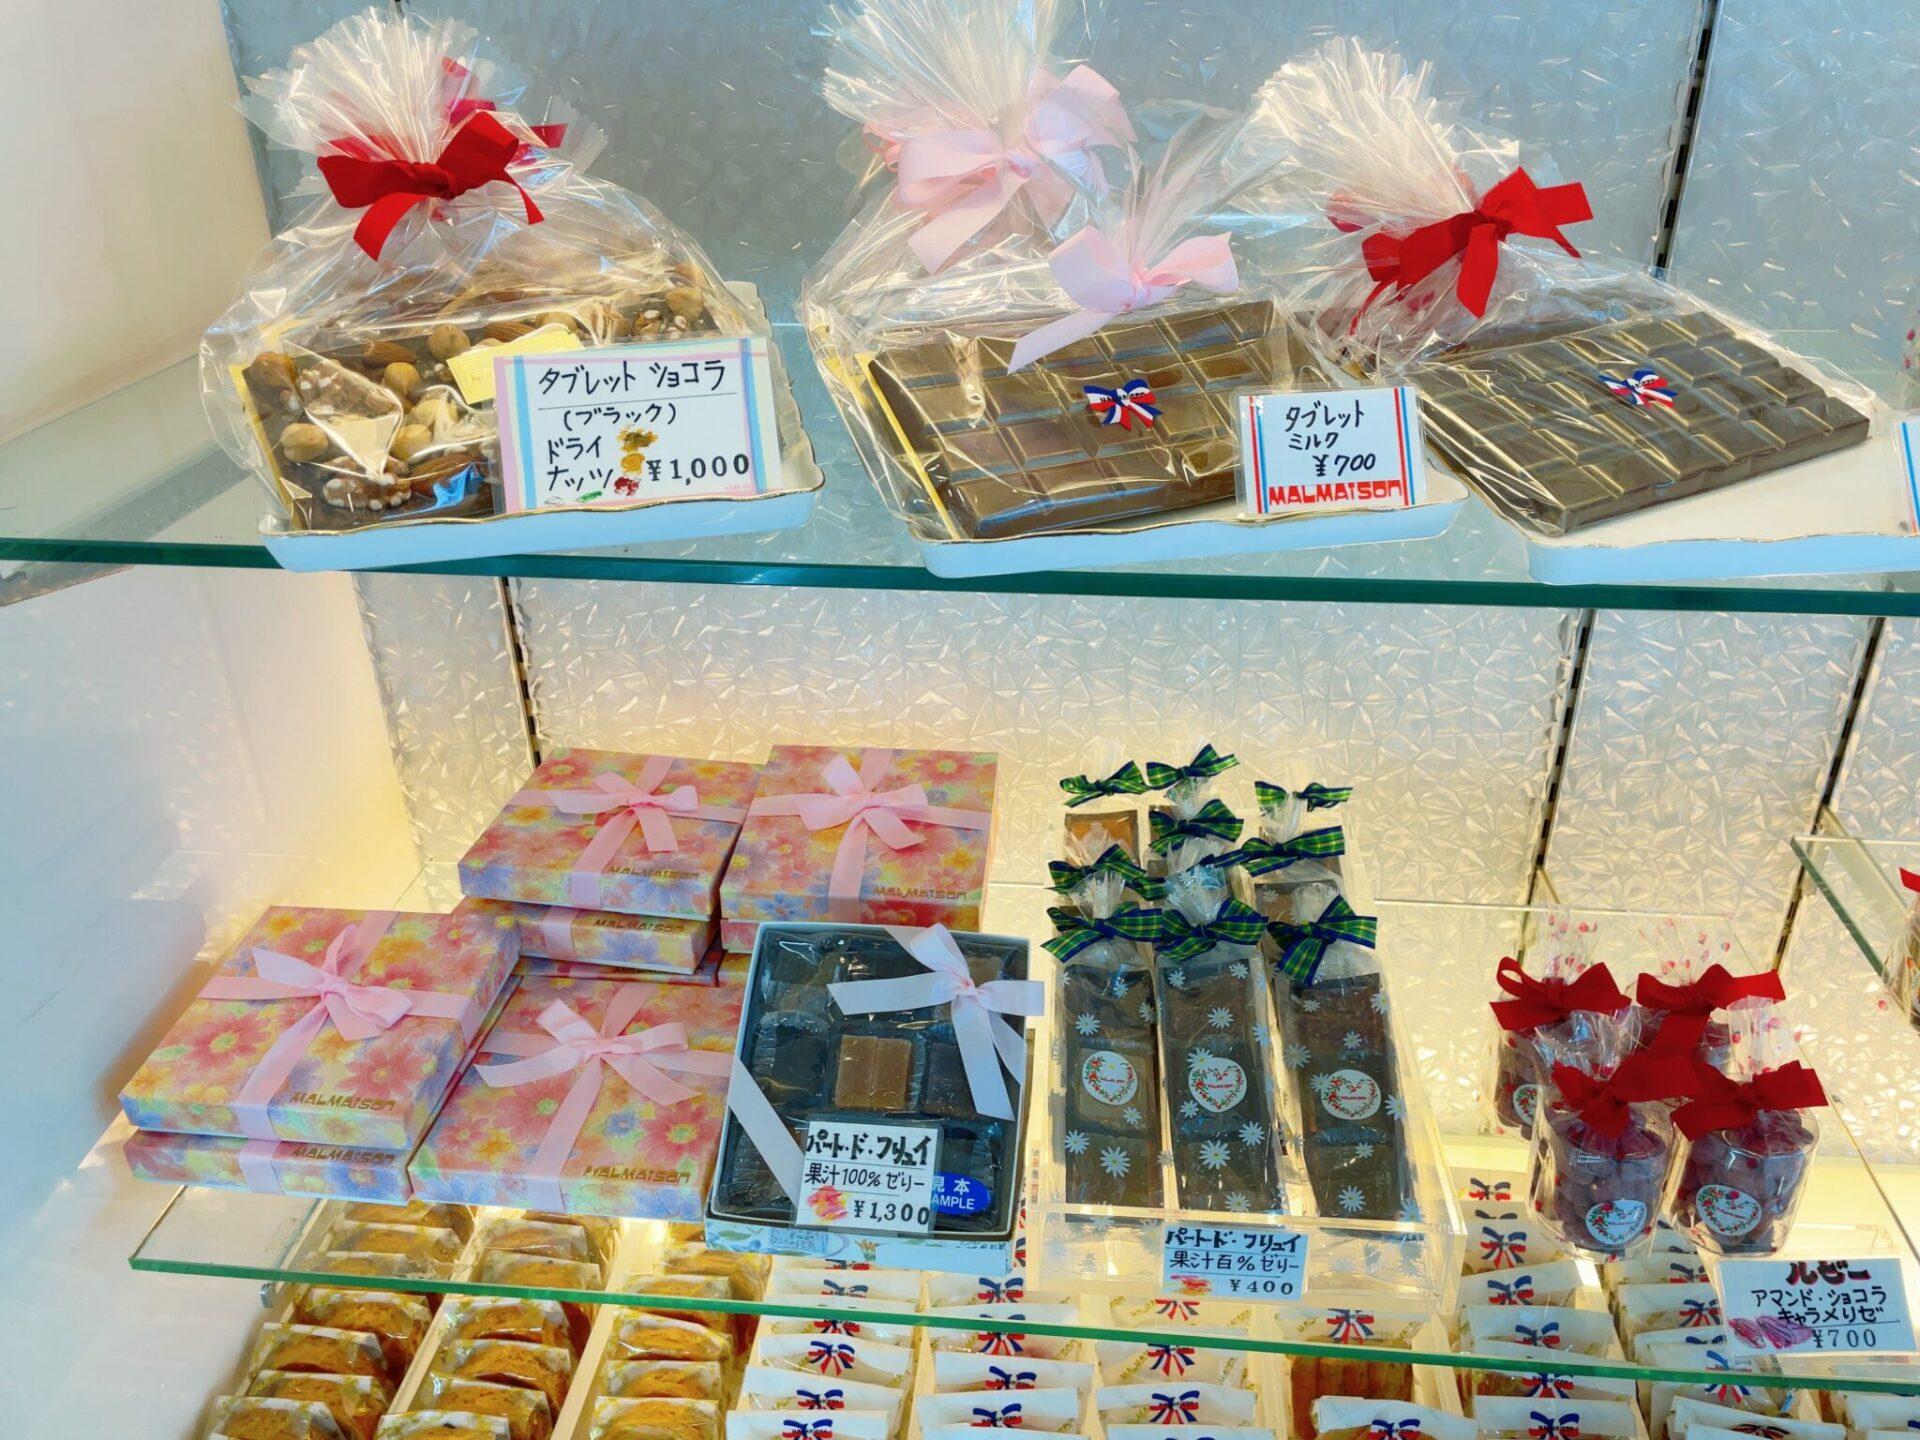 マルメゾン 千歳船橋の焼き菓子